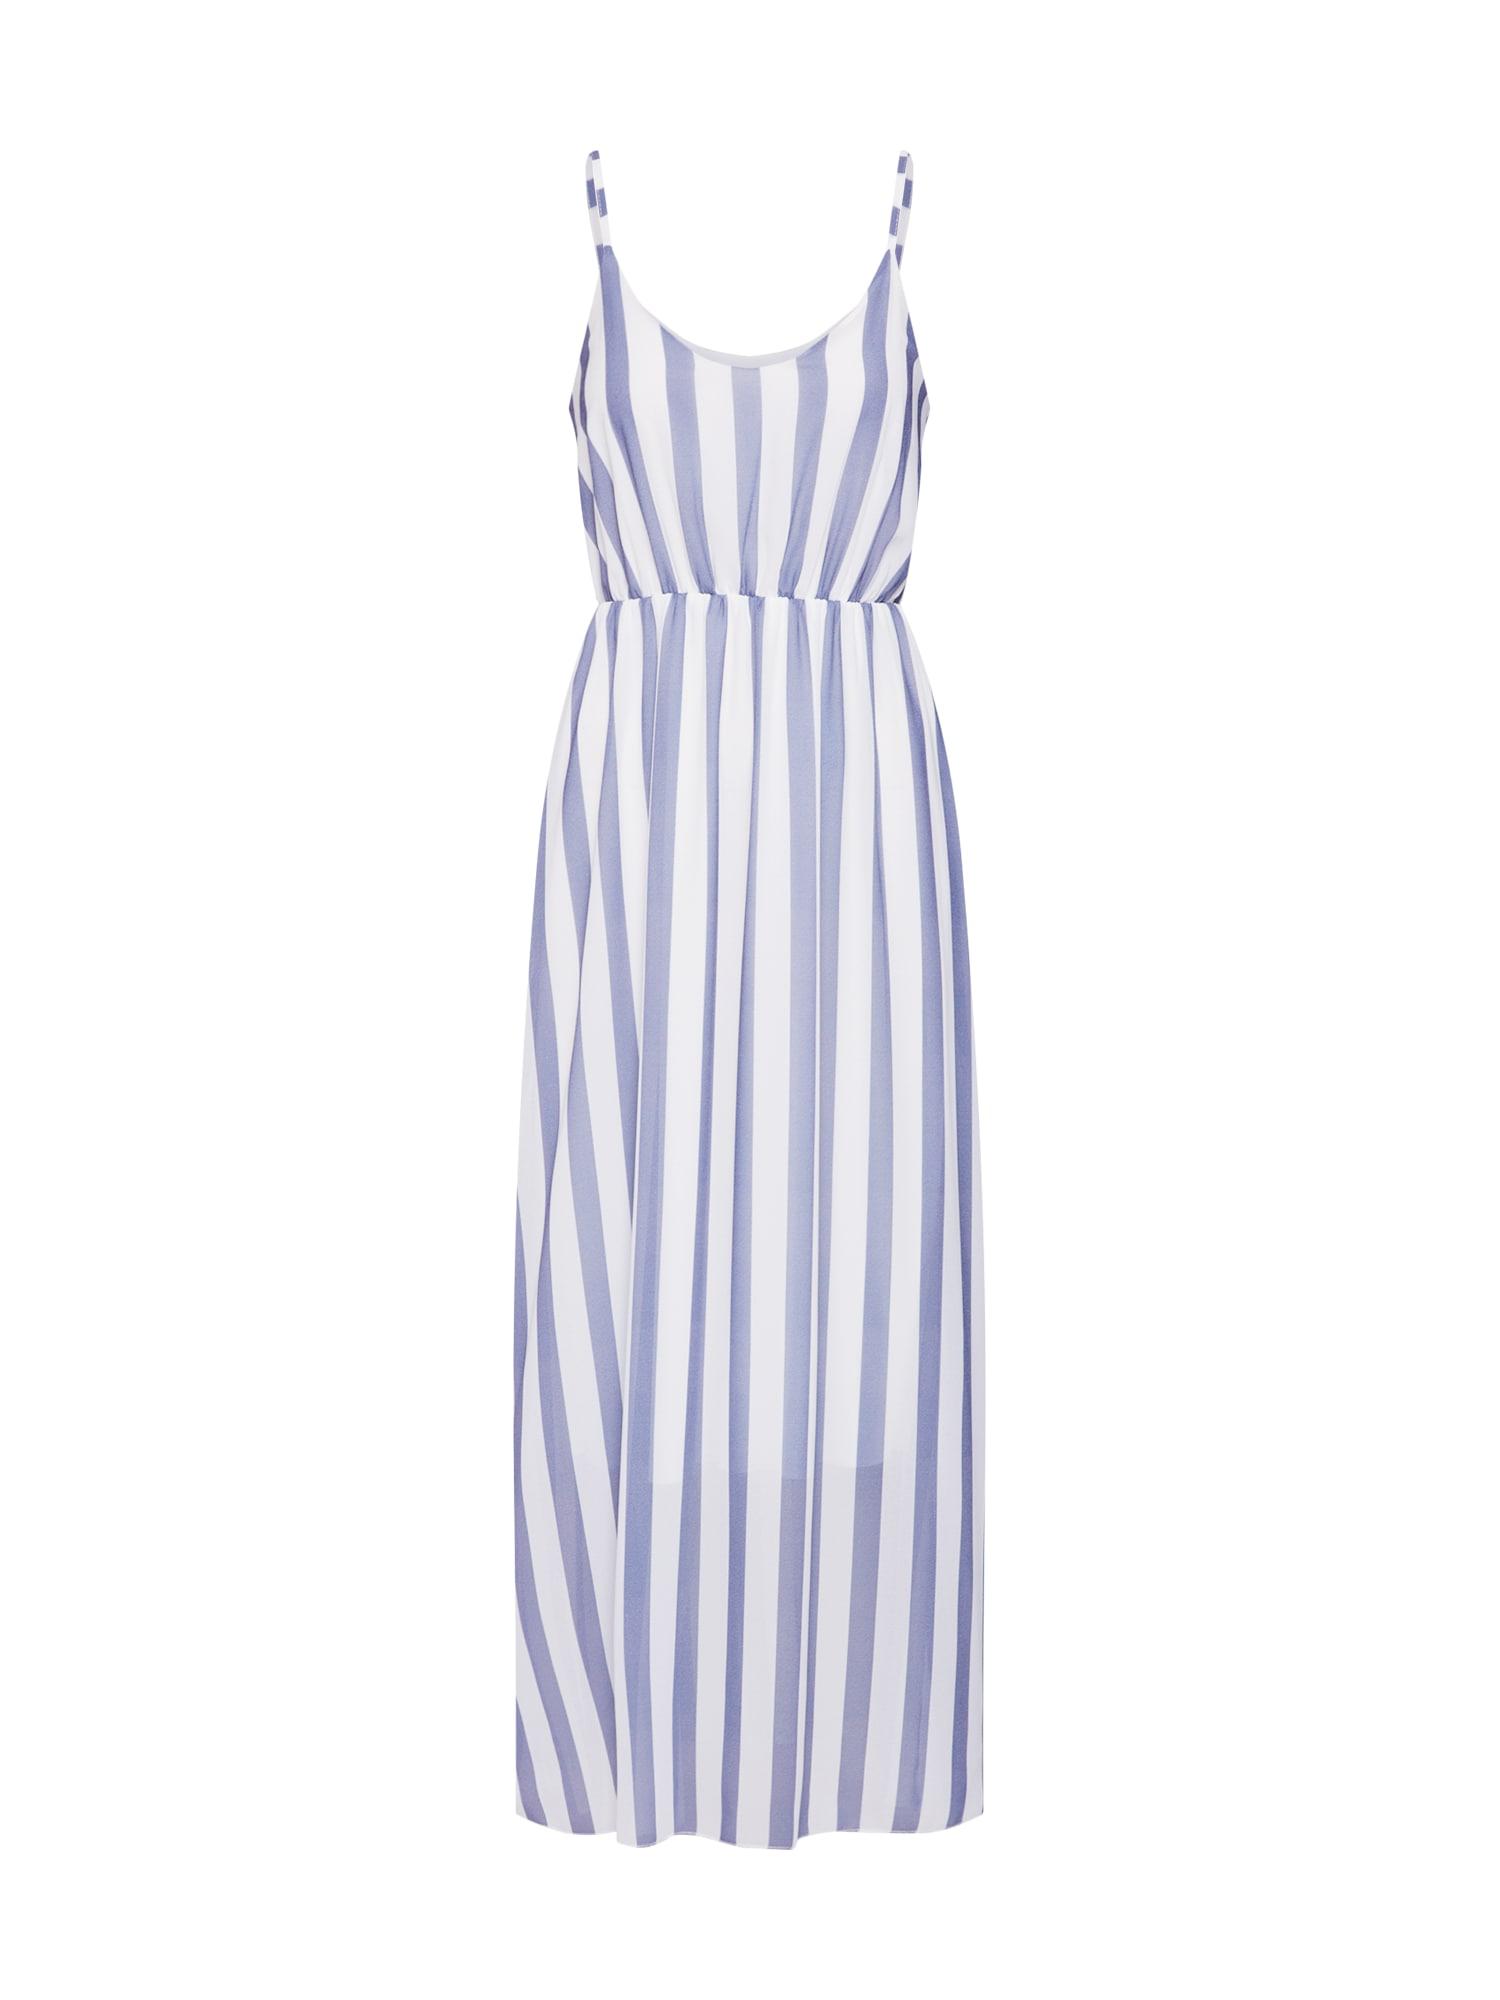 Letní šaty Sabrina modrá bílá Hailys